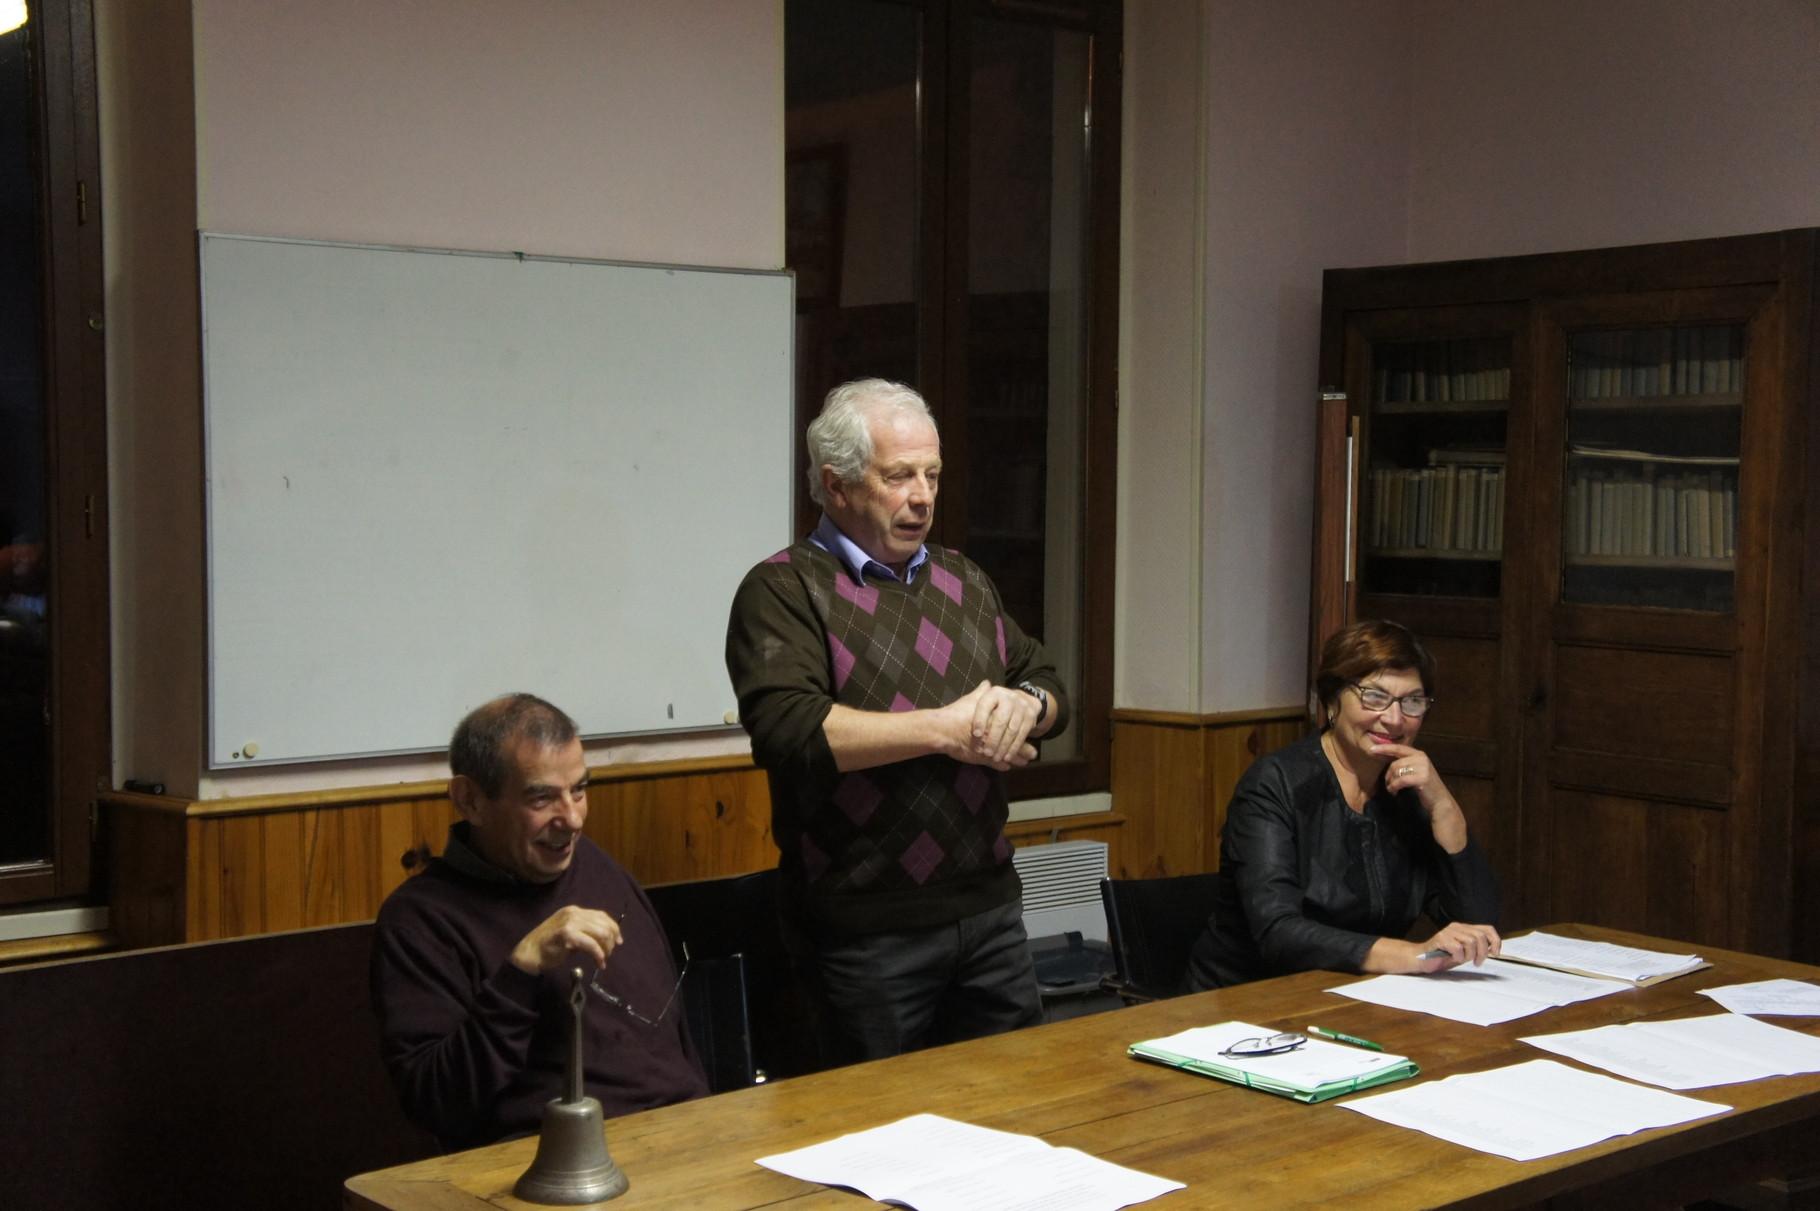 de gauche à droite : Bruno Lahouati (maire de Baulne-en-Brie), Claude Picart (maire de Saint-Agnan), Jacqueline Picart (maire de La Chapelle-Monthodon)